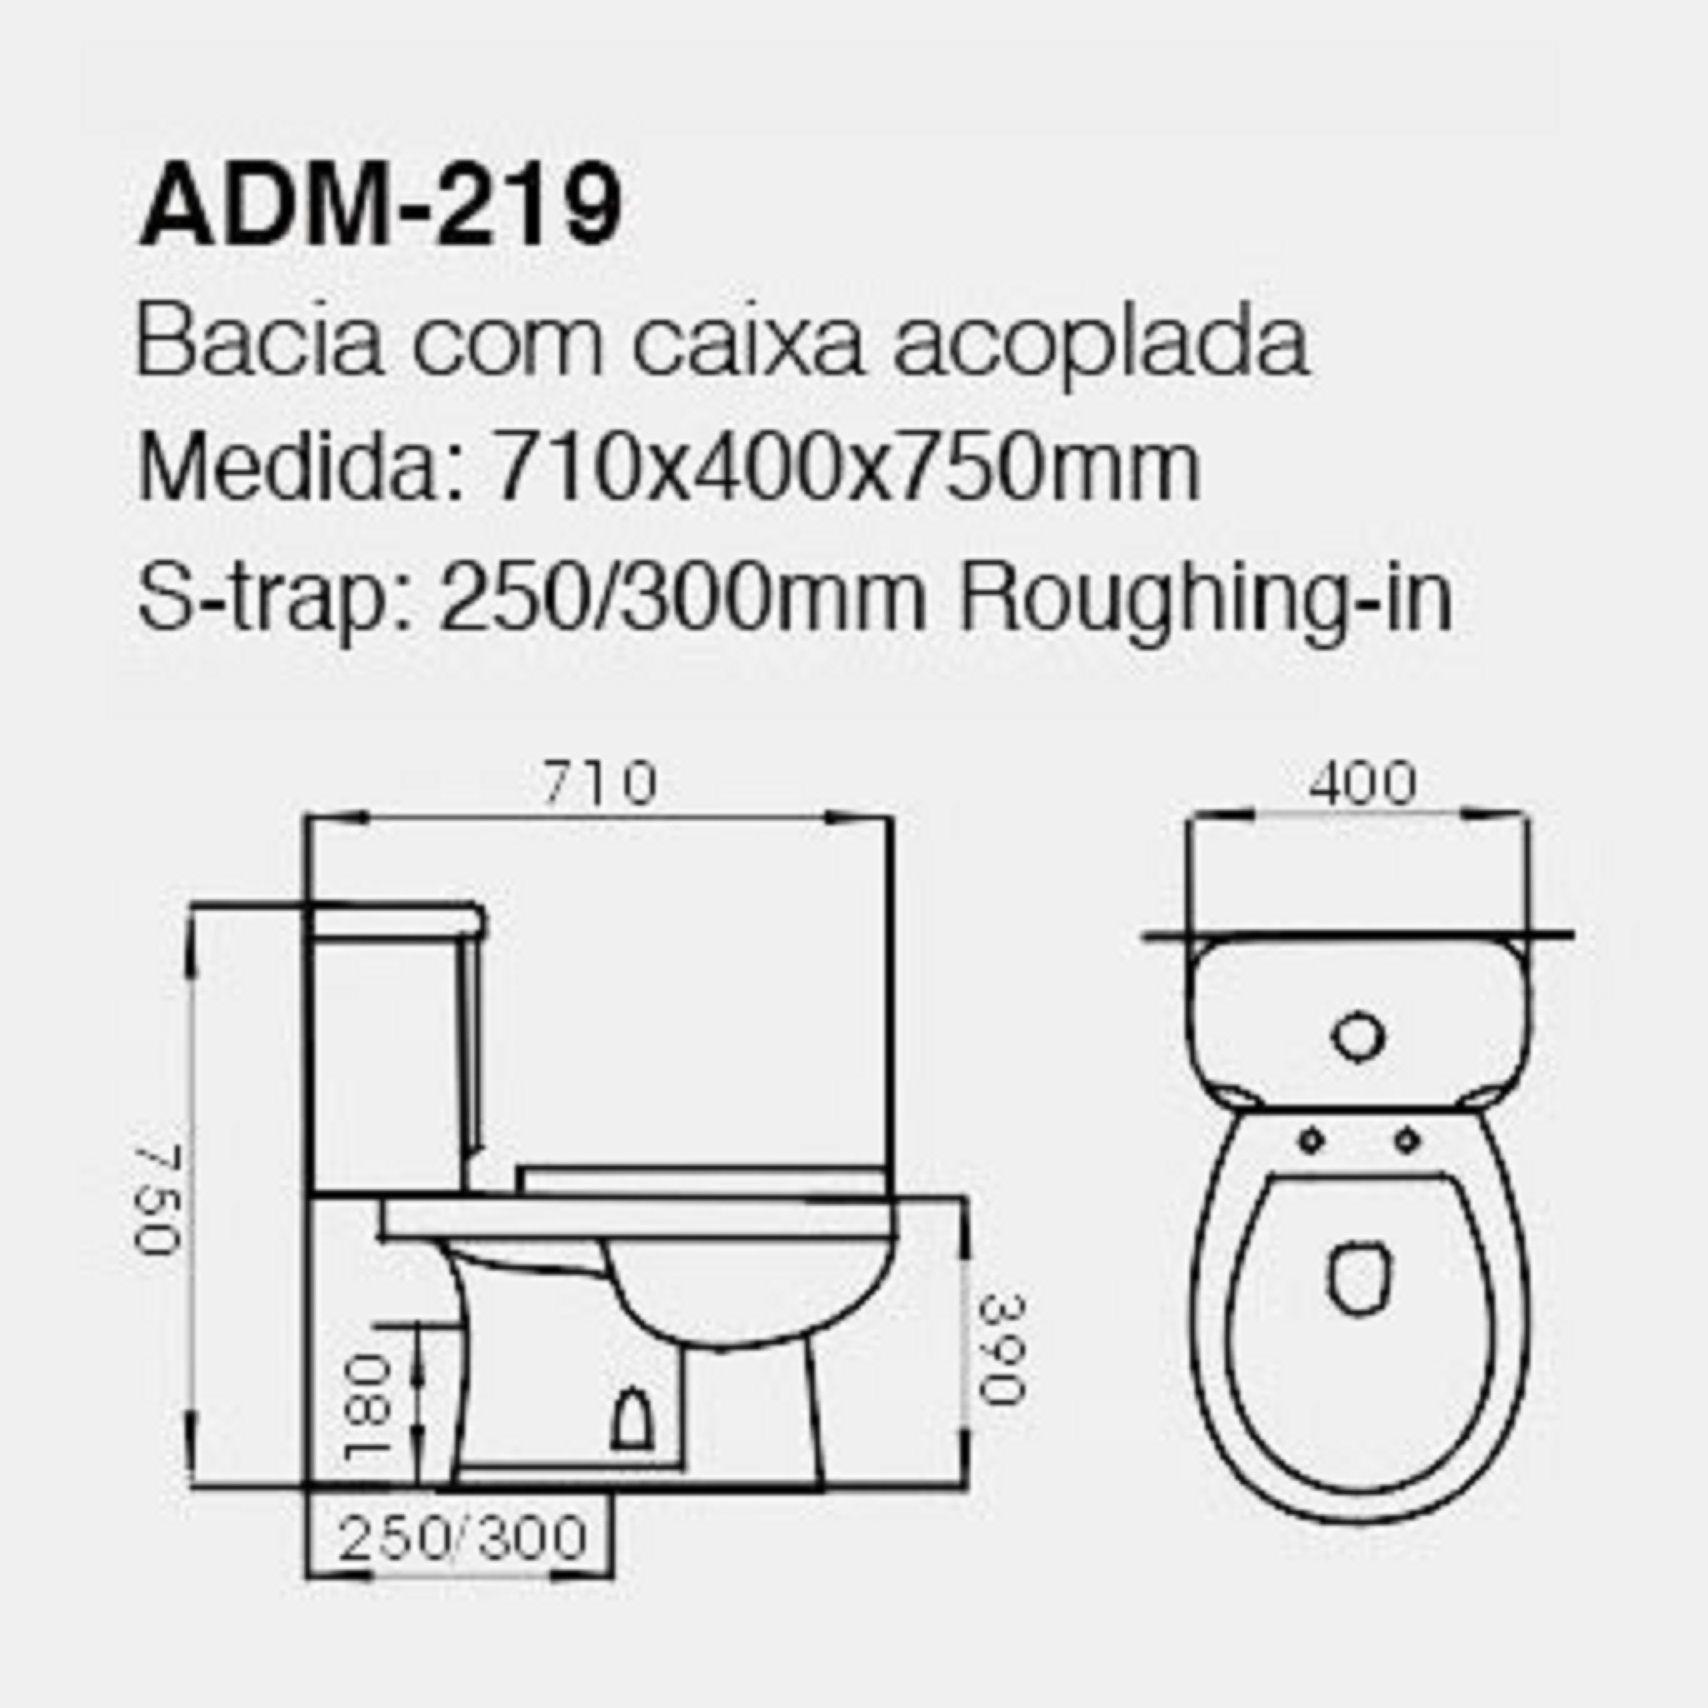 VASO SANITÁRIO CAIXA ACOPLADA ADAMAS ADM-219